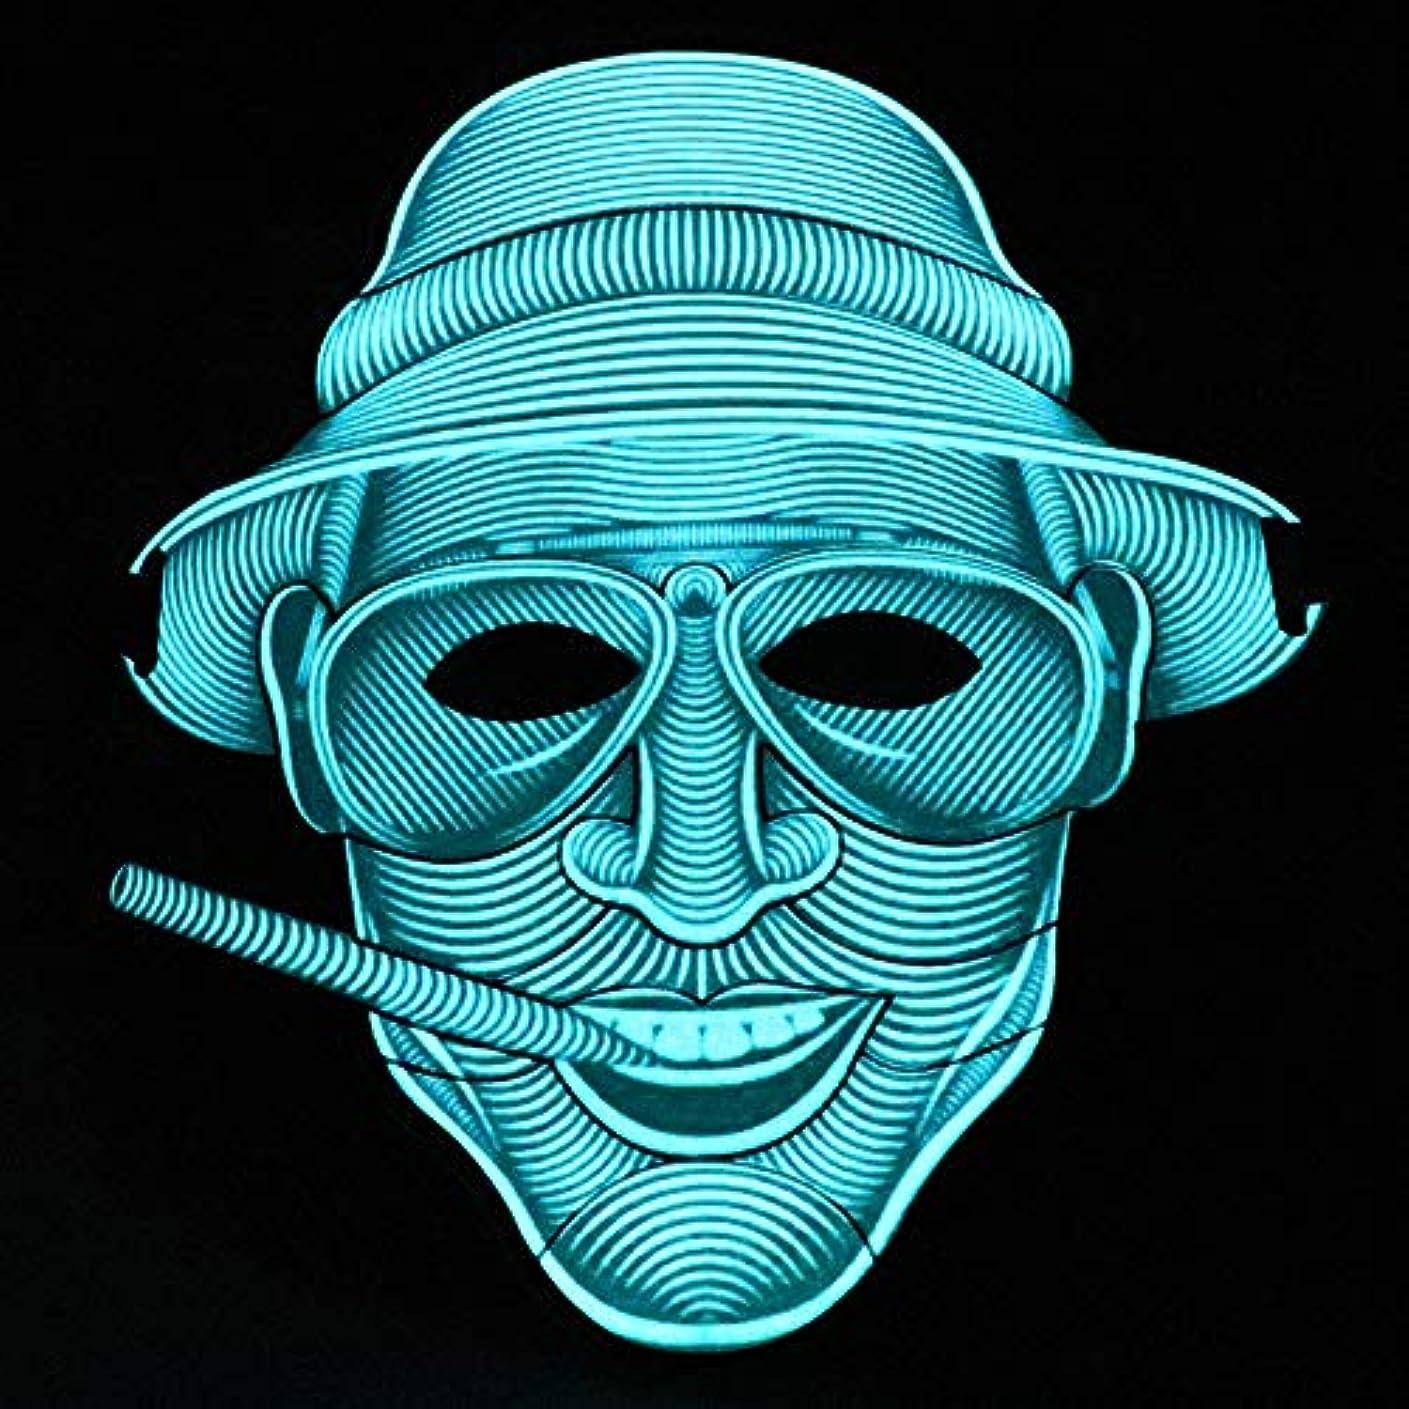 まばたき圧倒するカスケード照らされたマスクLED創造的な冷光音響制御マスクハロウィンバーフェスティバルダンスマスク (Color : #4)